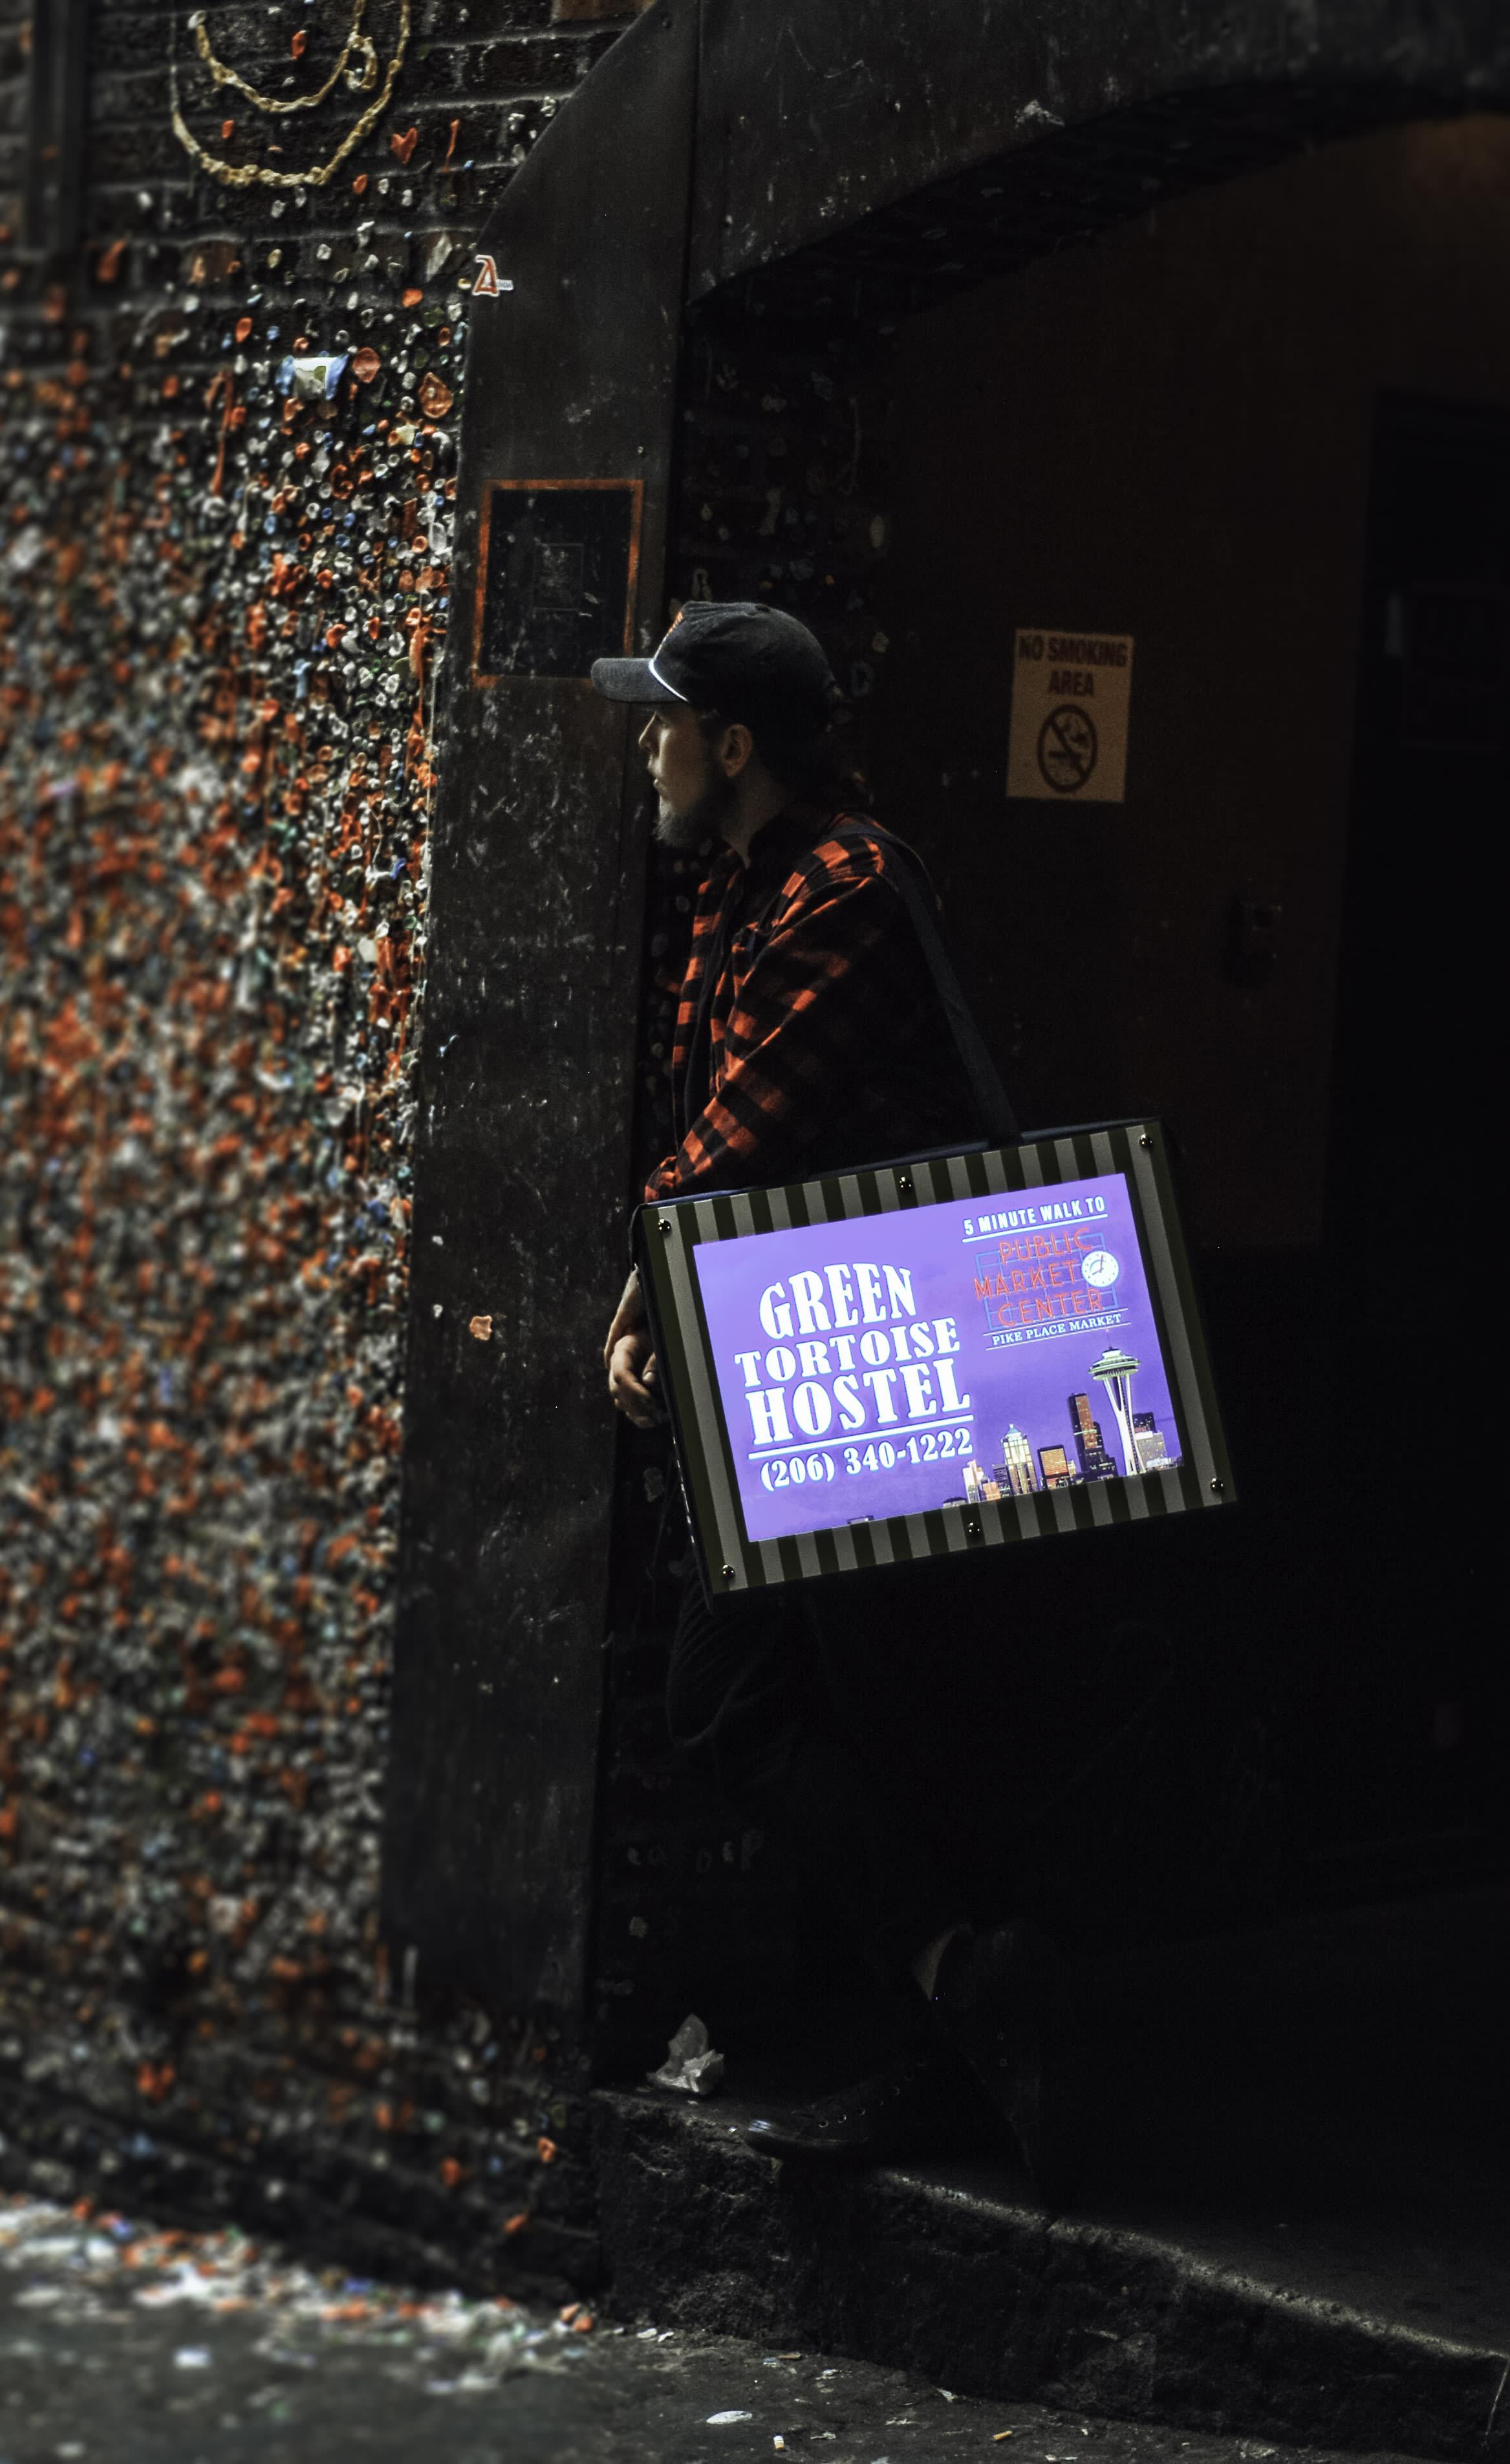 HOSTEL - Green Tortoise Seattle Hostel